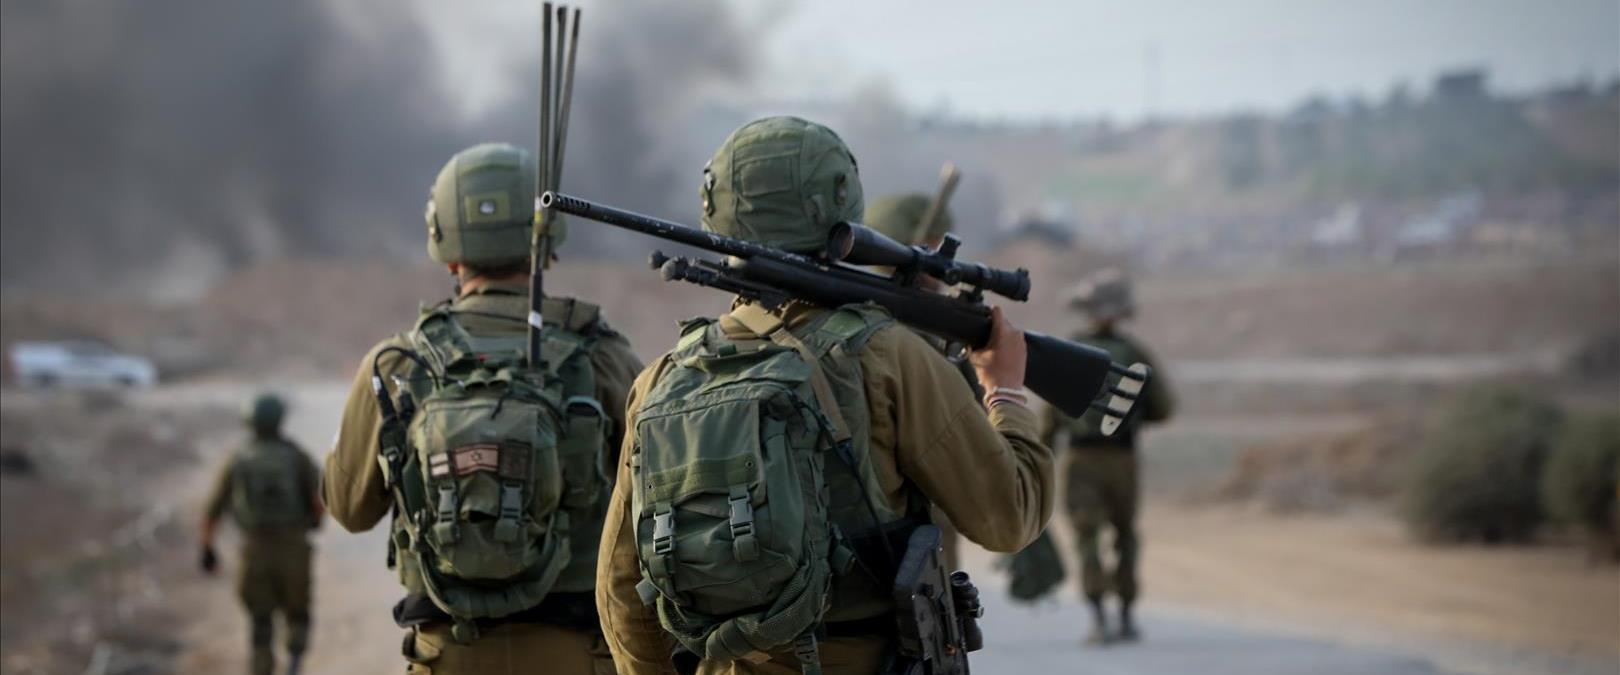 חיילים, אילוסטרציה